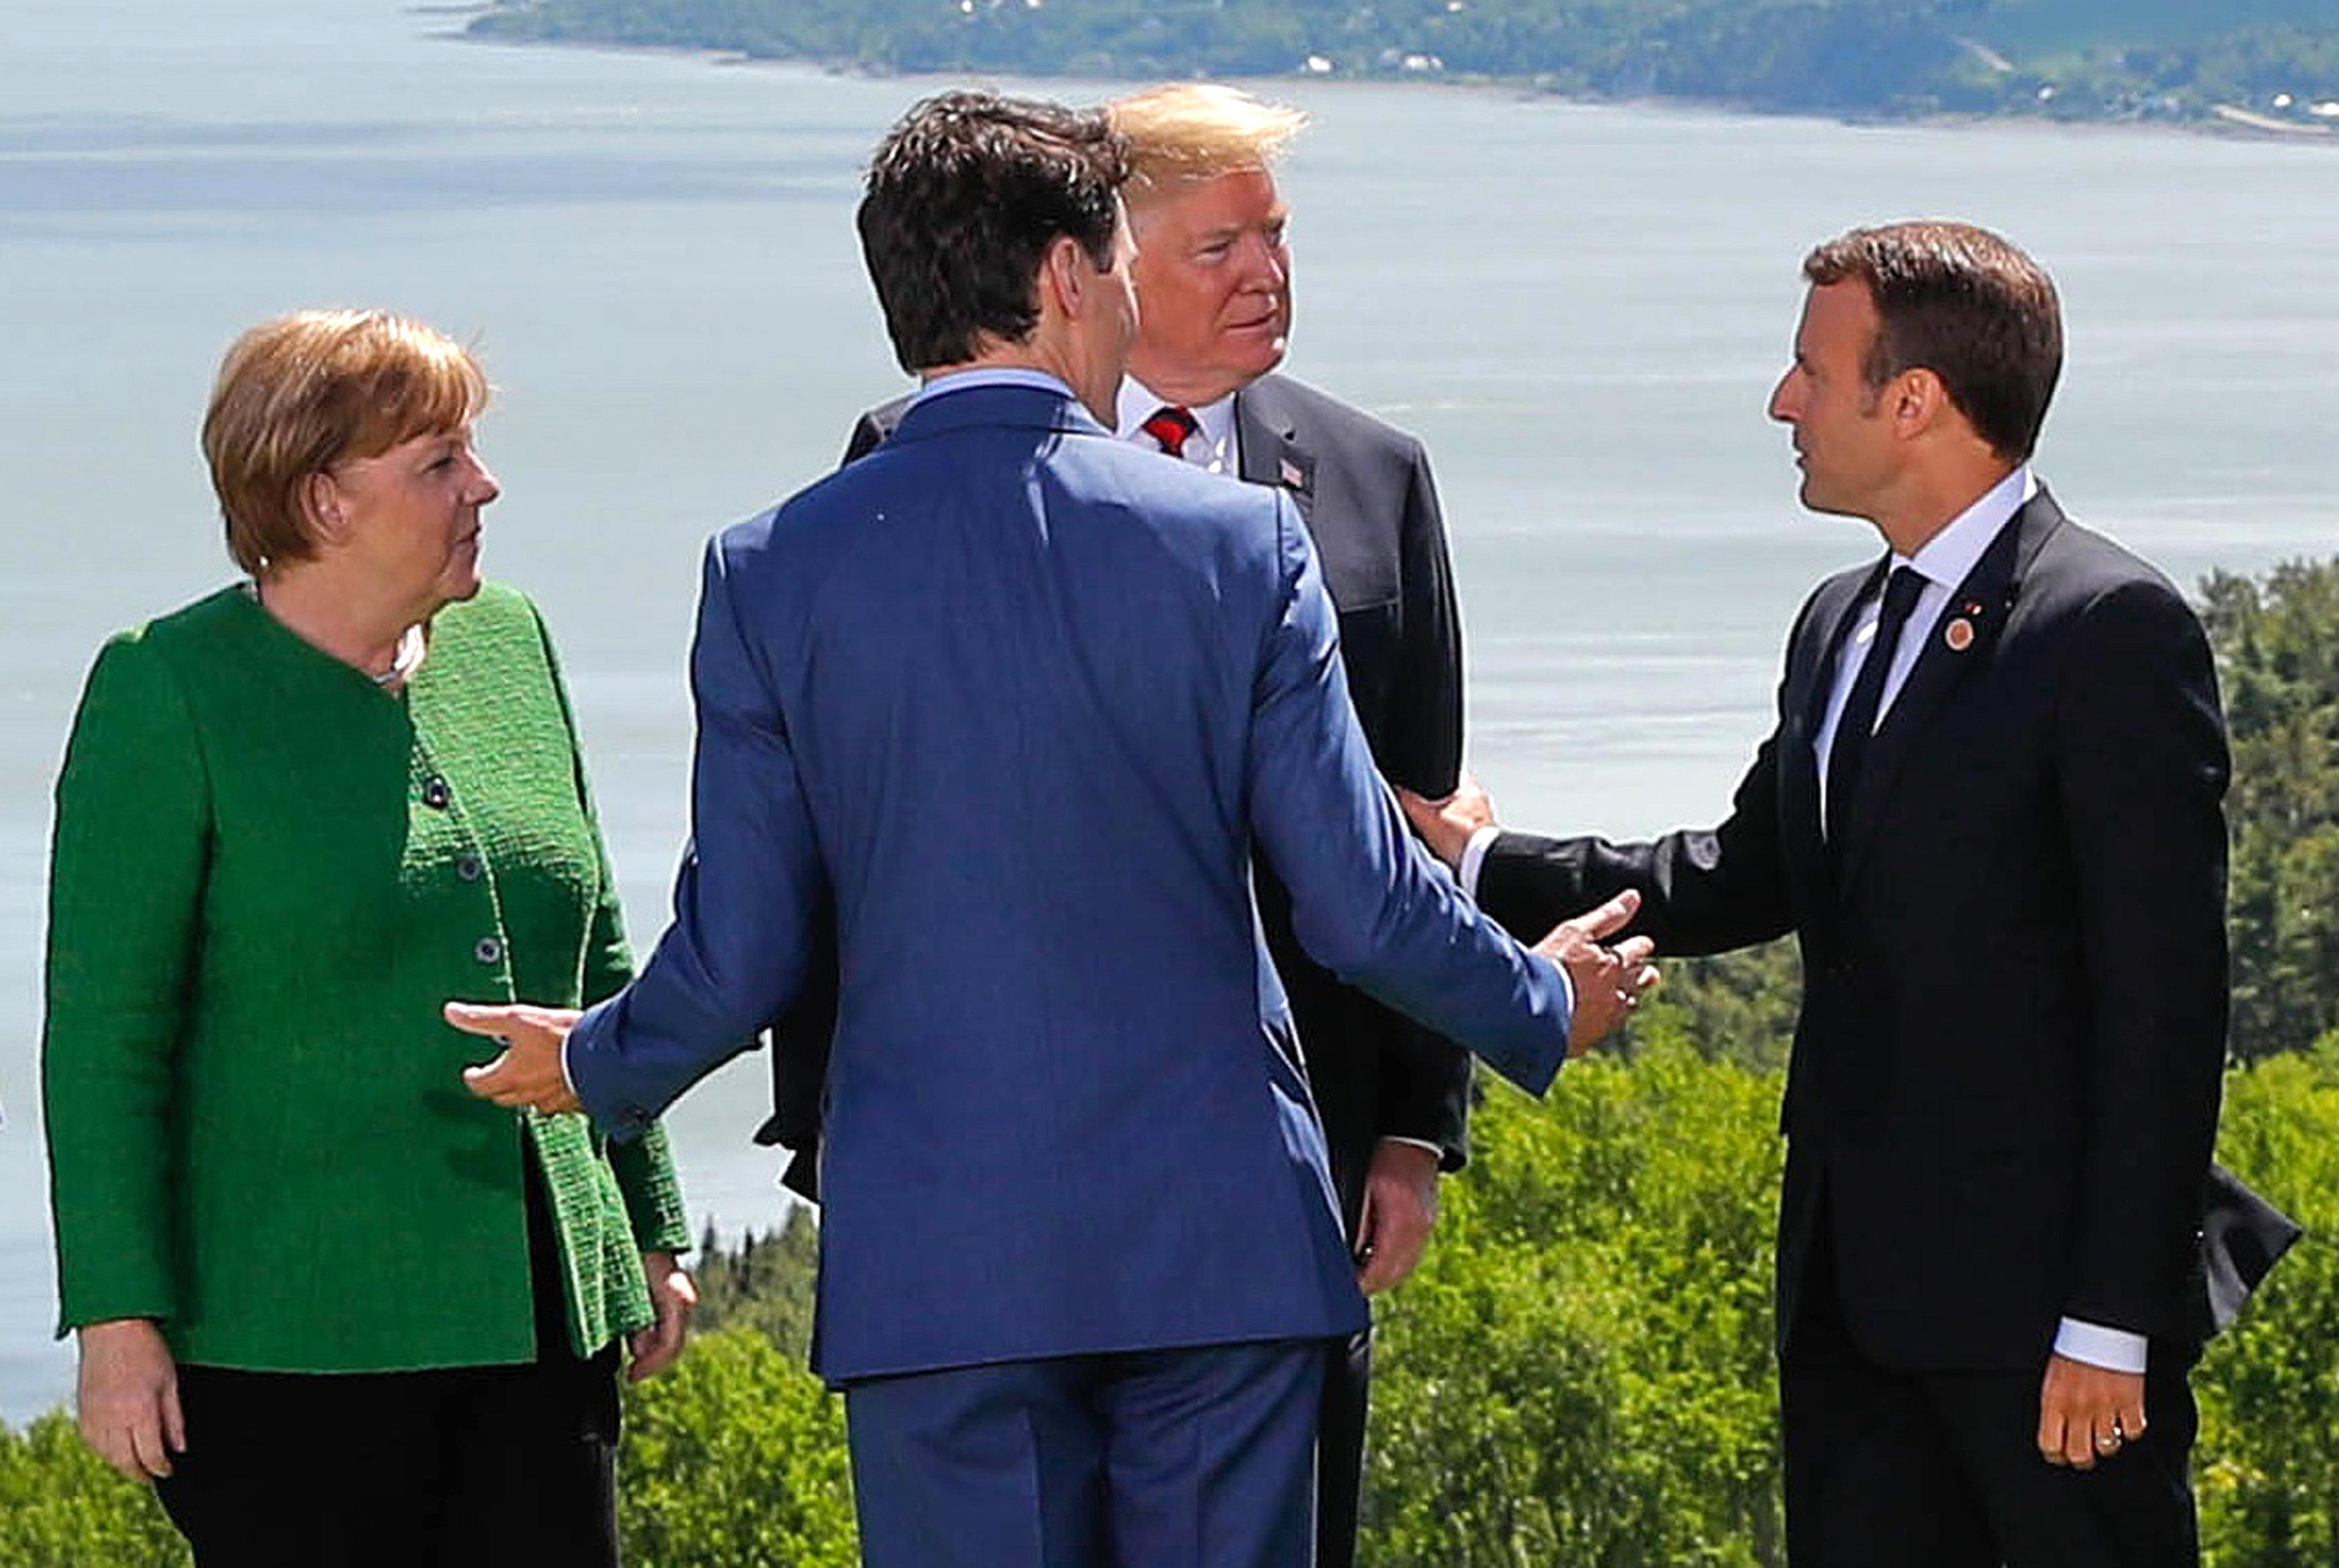 트럼프가 G7 정상회담 공동선언을 비난하며 '뒤통수'를 쳤다